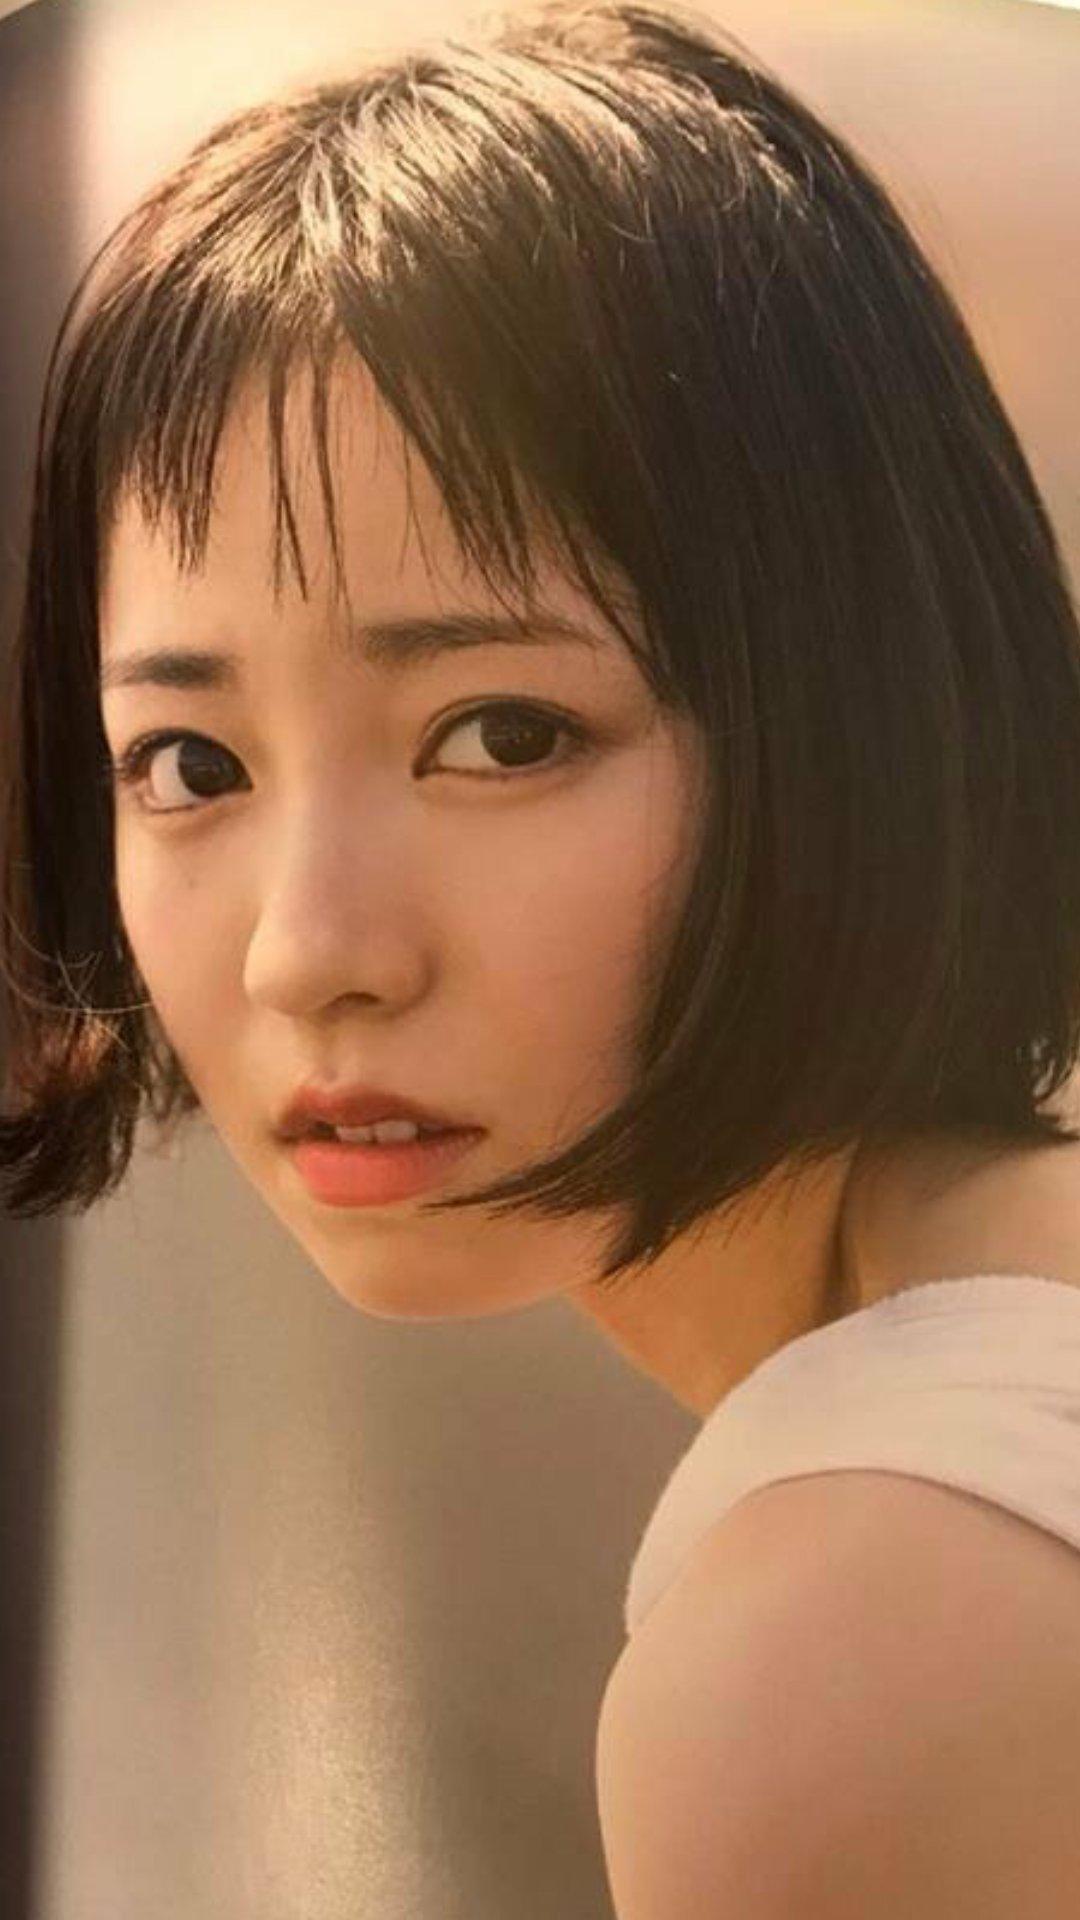 欅坂46今泉佑唯 復帰グラビア